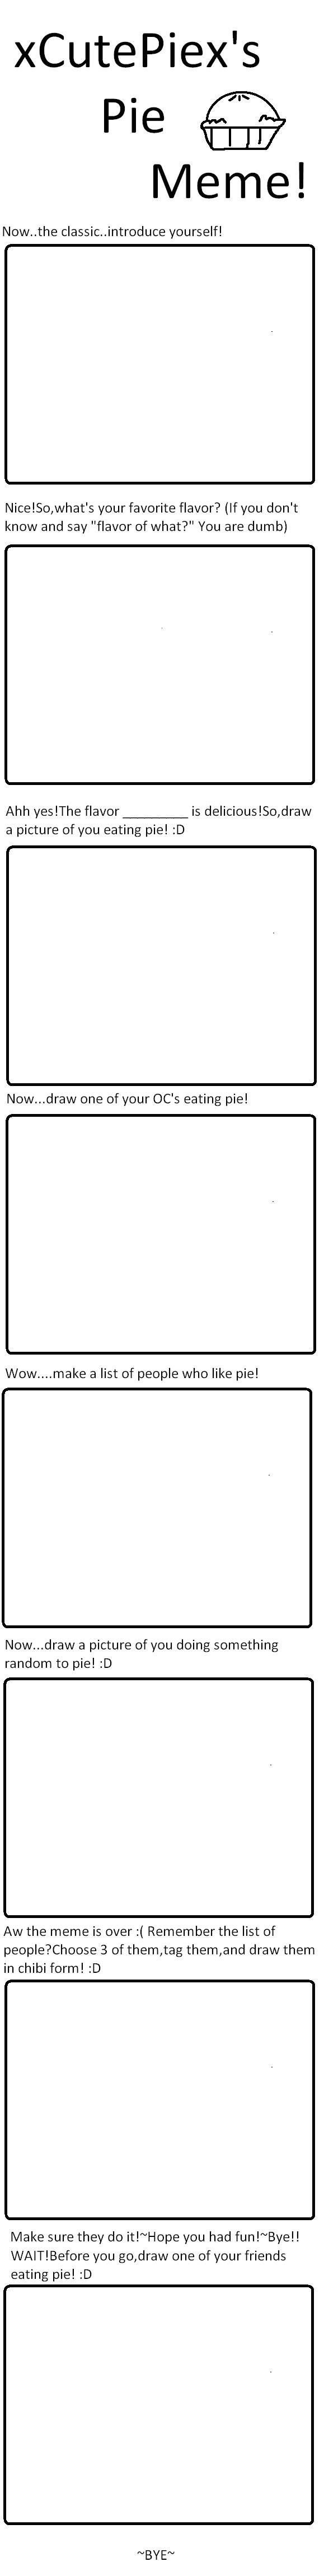 Pie Meme by xCutePiex